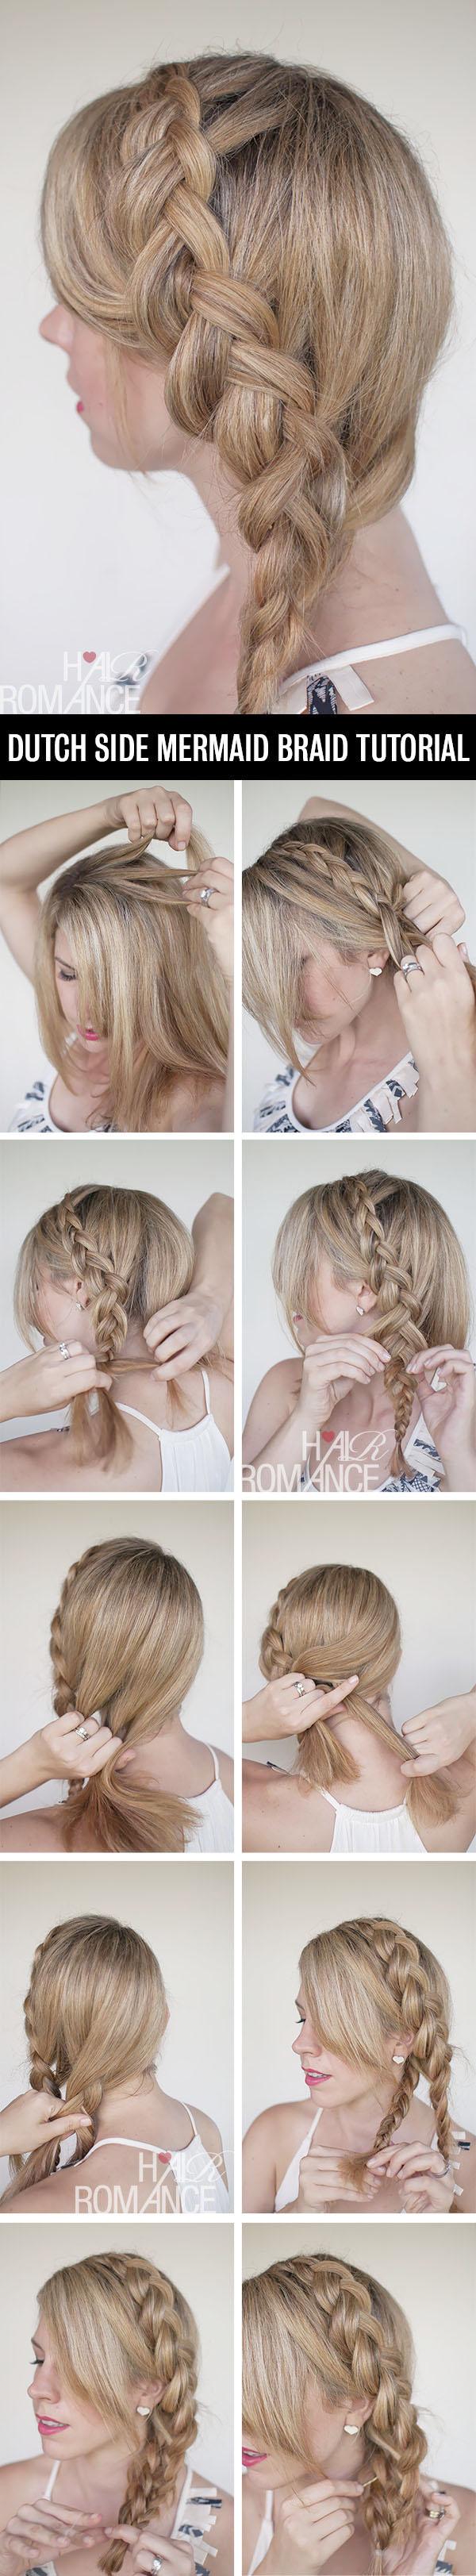 Hair-Romance-a-Dutch-mermaid-side-braid-hairstyle-tutorial